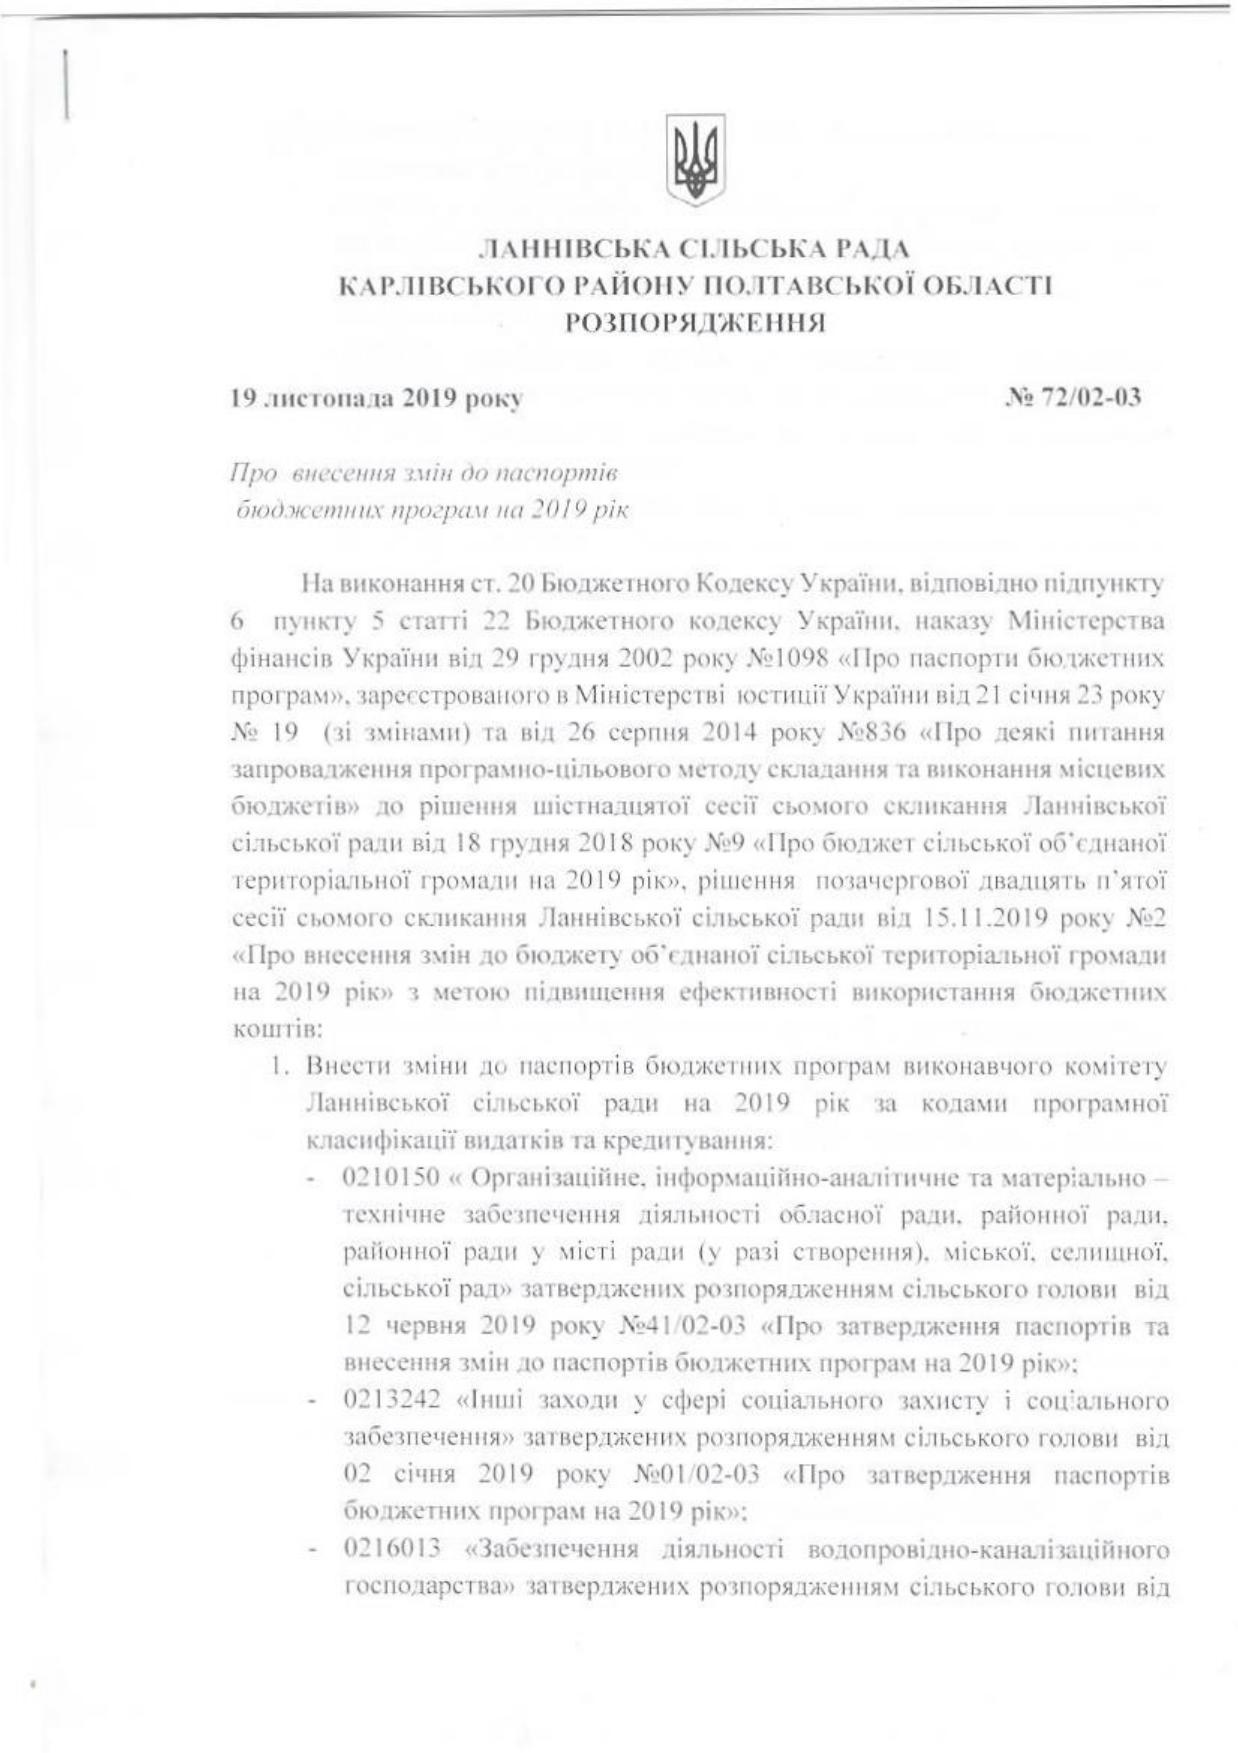 Про затвердження та внесення змін  до паспортів бюджетних програм на 2019 рік  від 19.11.2019